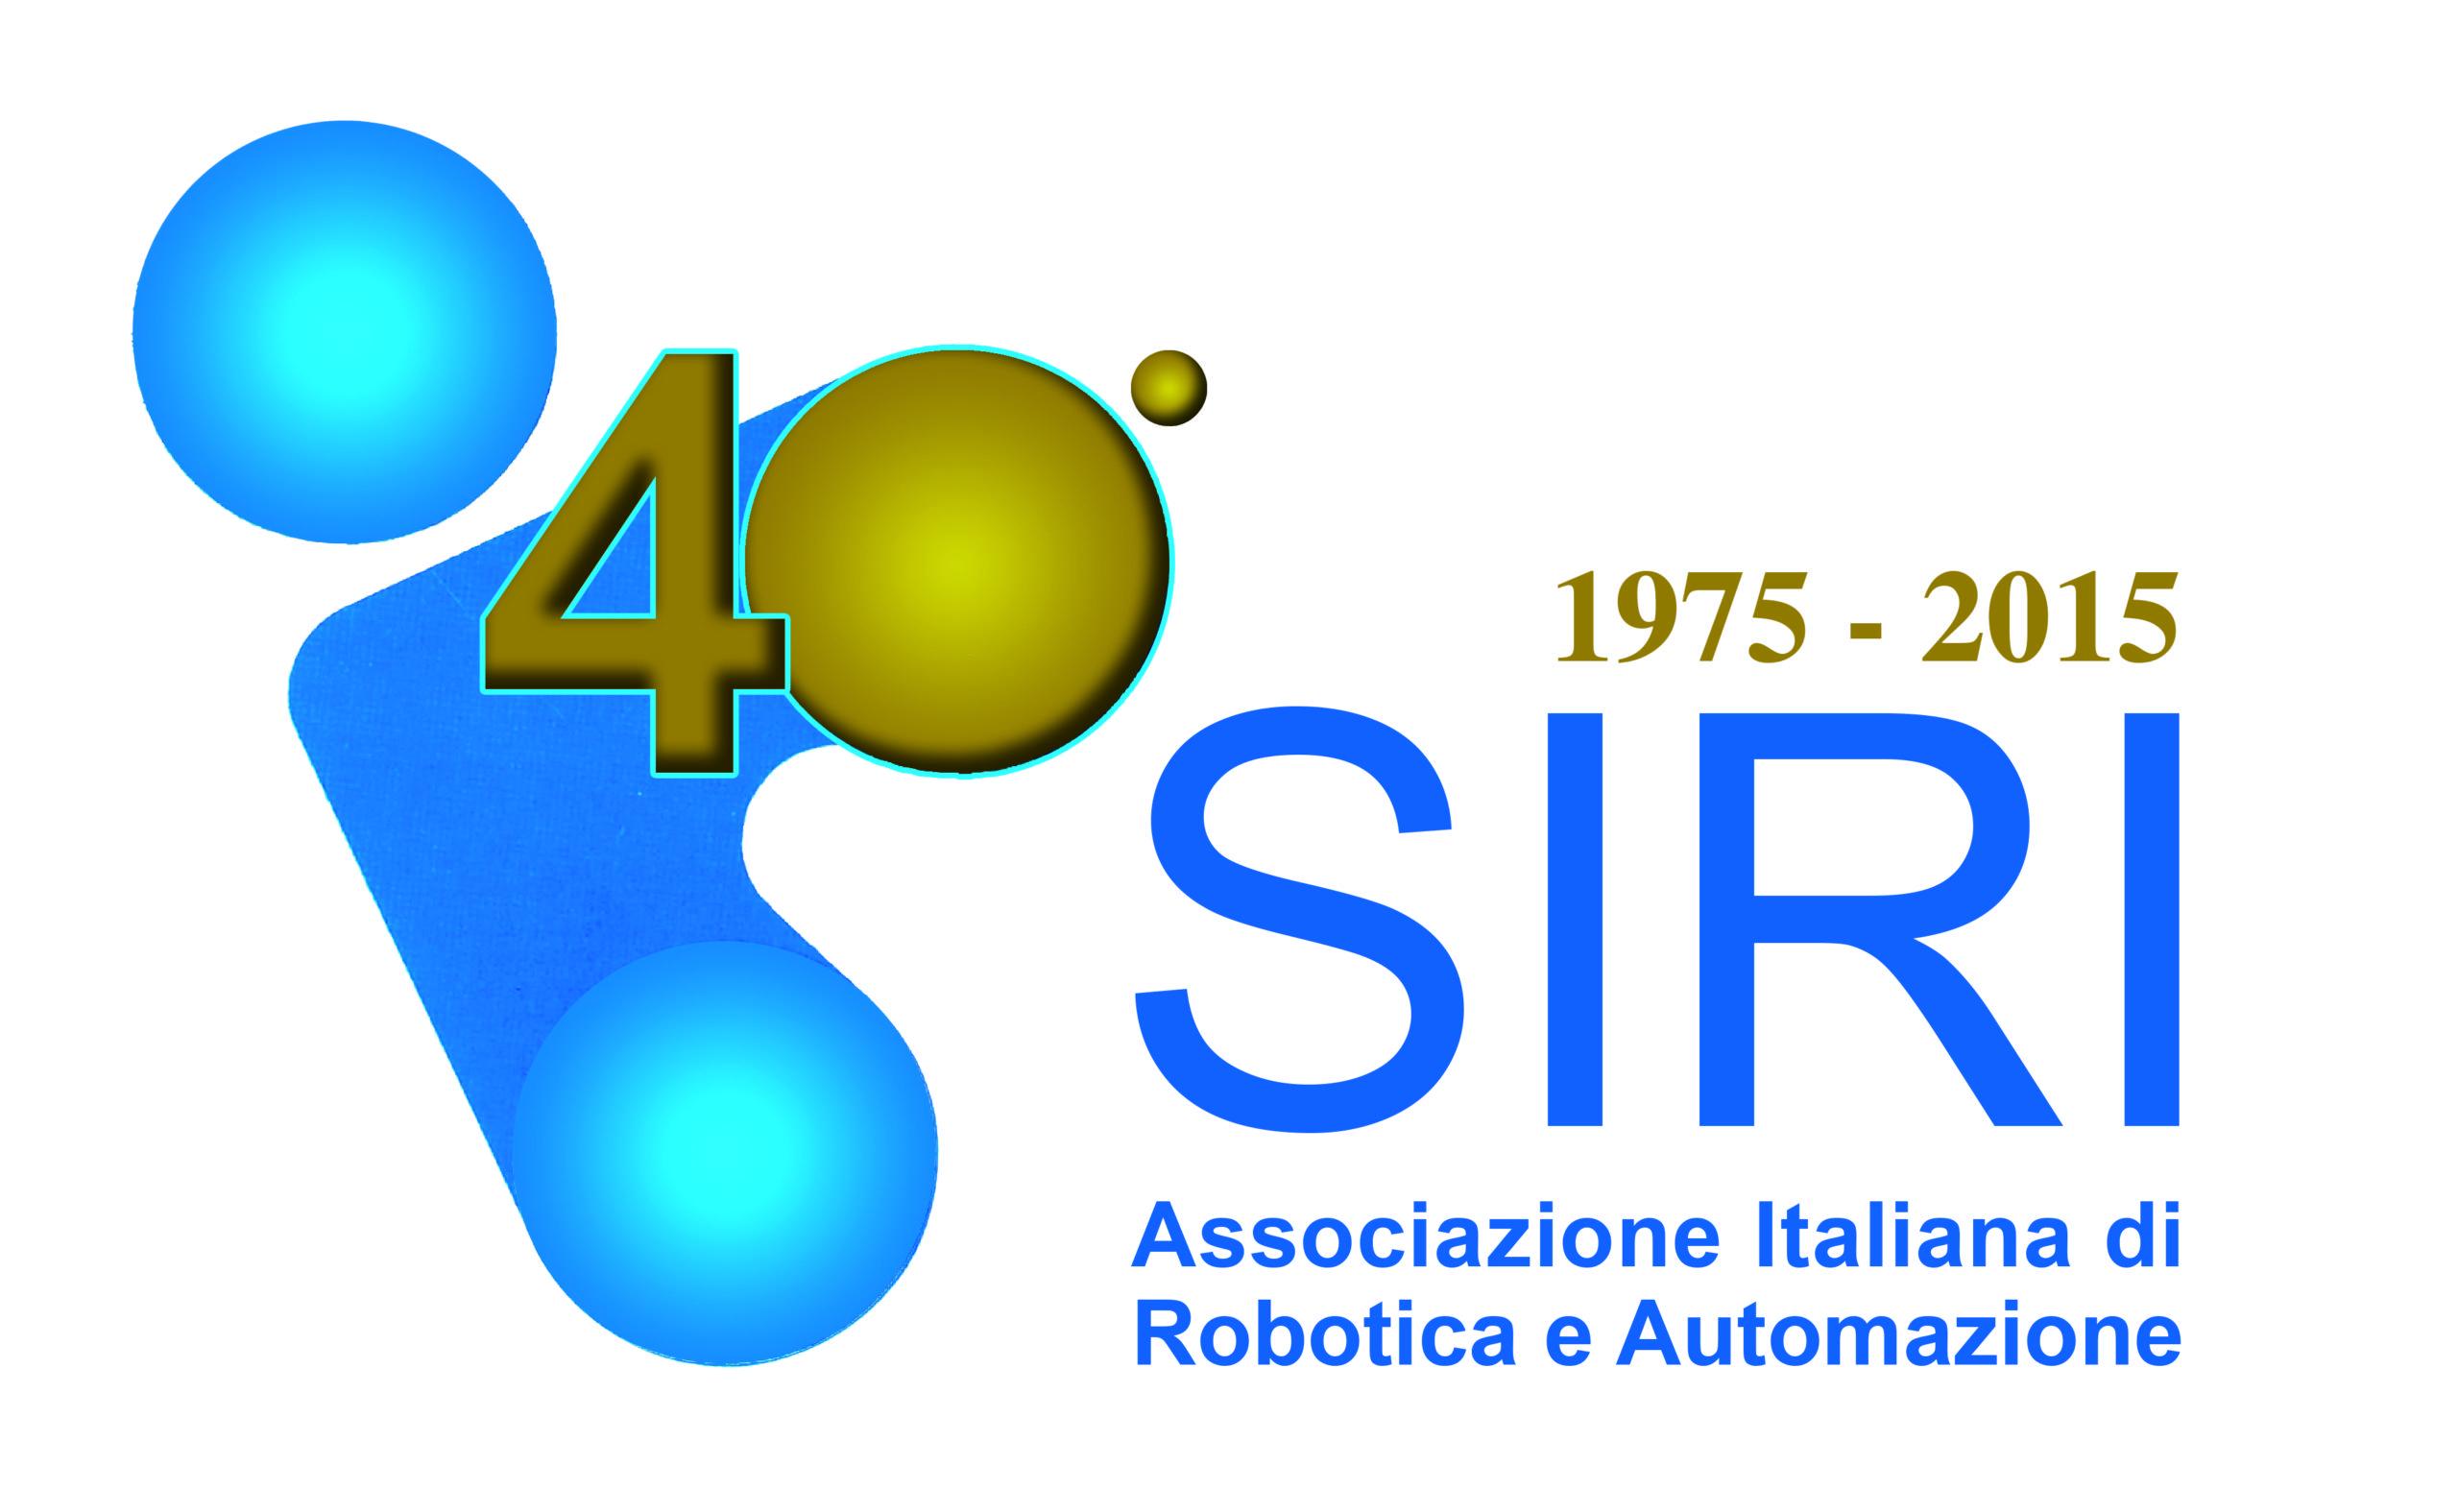 ROBOSIRI ASSOCIAZIONE ITALIANA ROBOTICA 40 ANNI